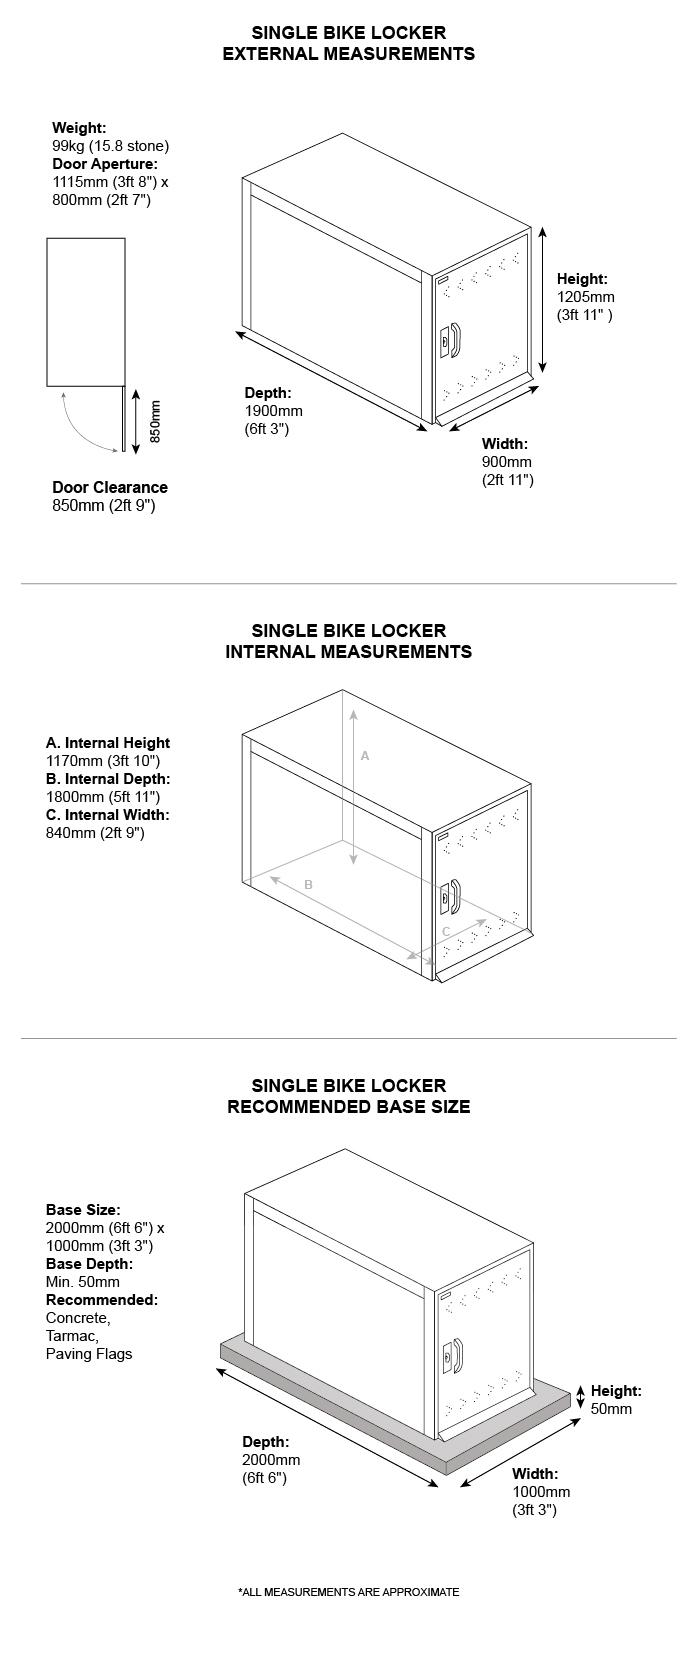 School Bike Locker (Single) Dimensions